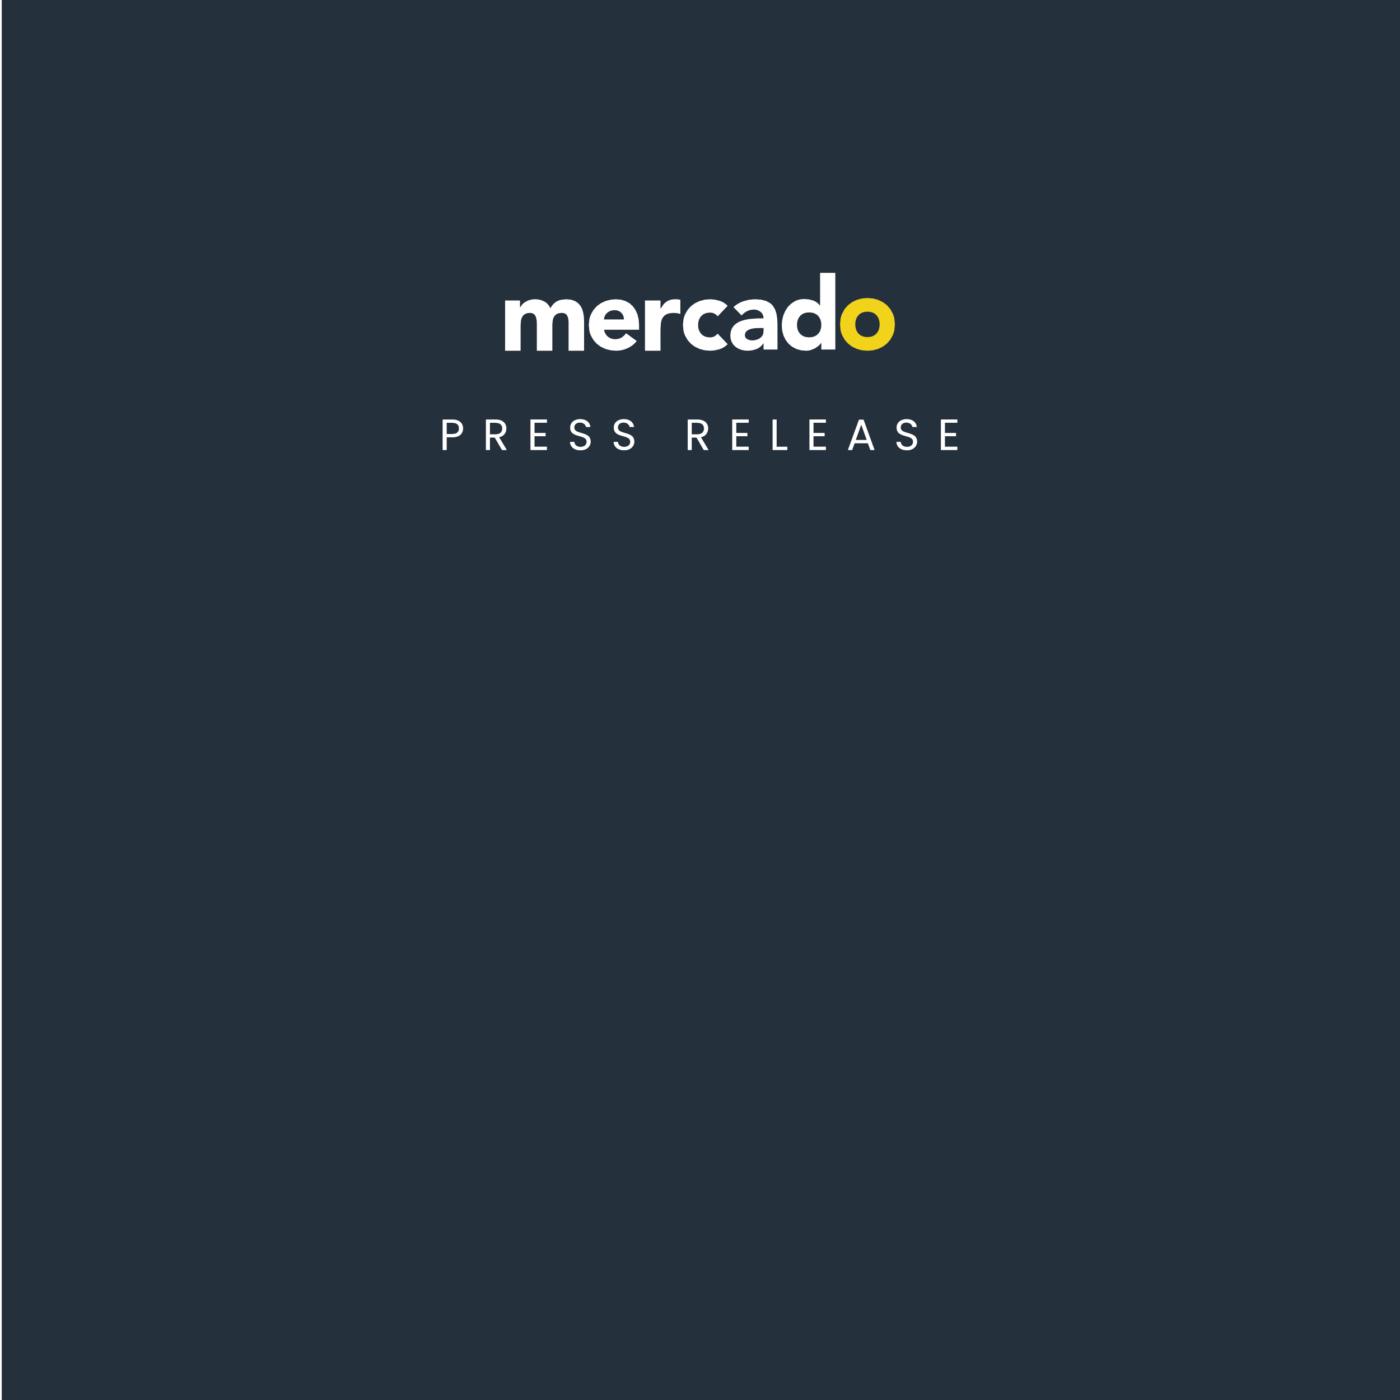 Mercado | Press Release